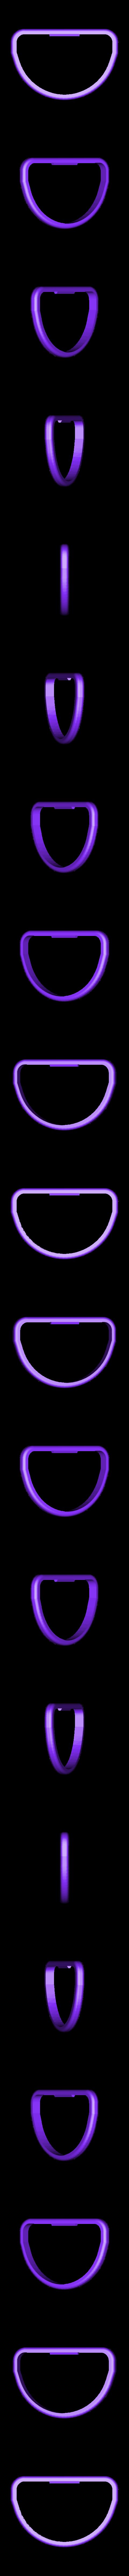 Fixing_Band.STL Télécharger fichier STL gratuit Adaptateur de télévision à distance pour les personnes âgées • Plan pour imprimante 3D, Jeypera3D